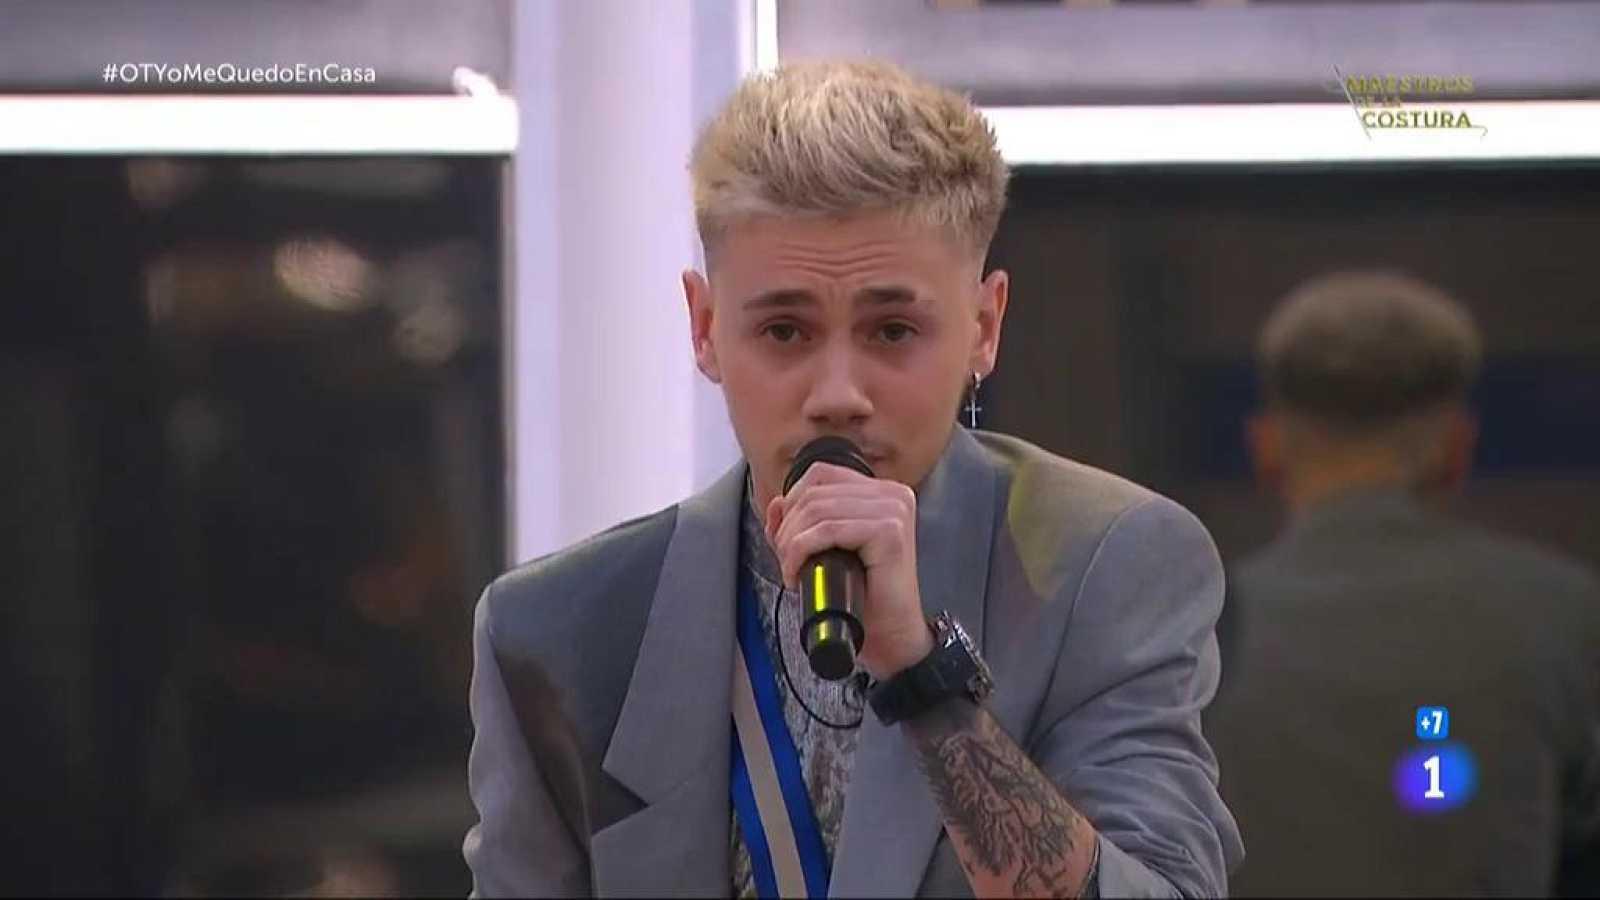 """Hugo canta """"Heroes"""", de Måns  Zelmerlow, en la Gala OTYoMeQuedoEnCasa de Operación Triunfo 2020"""